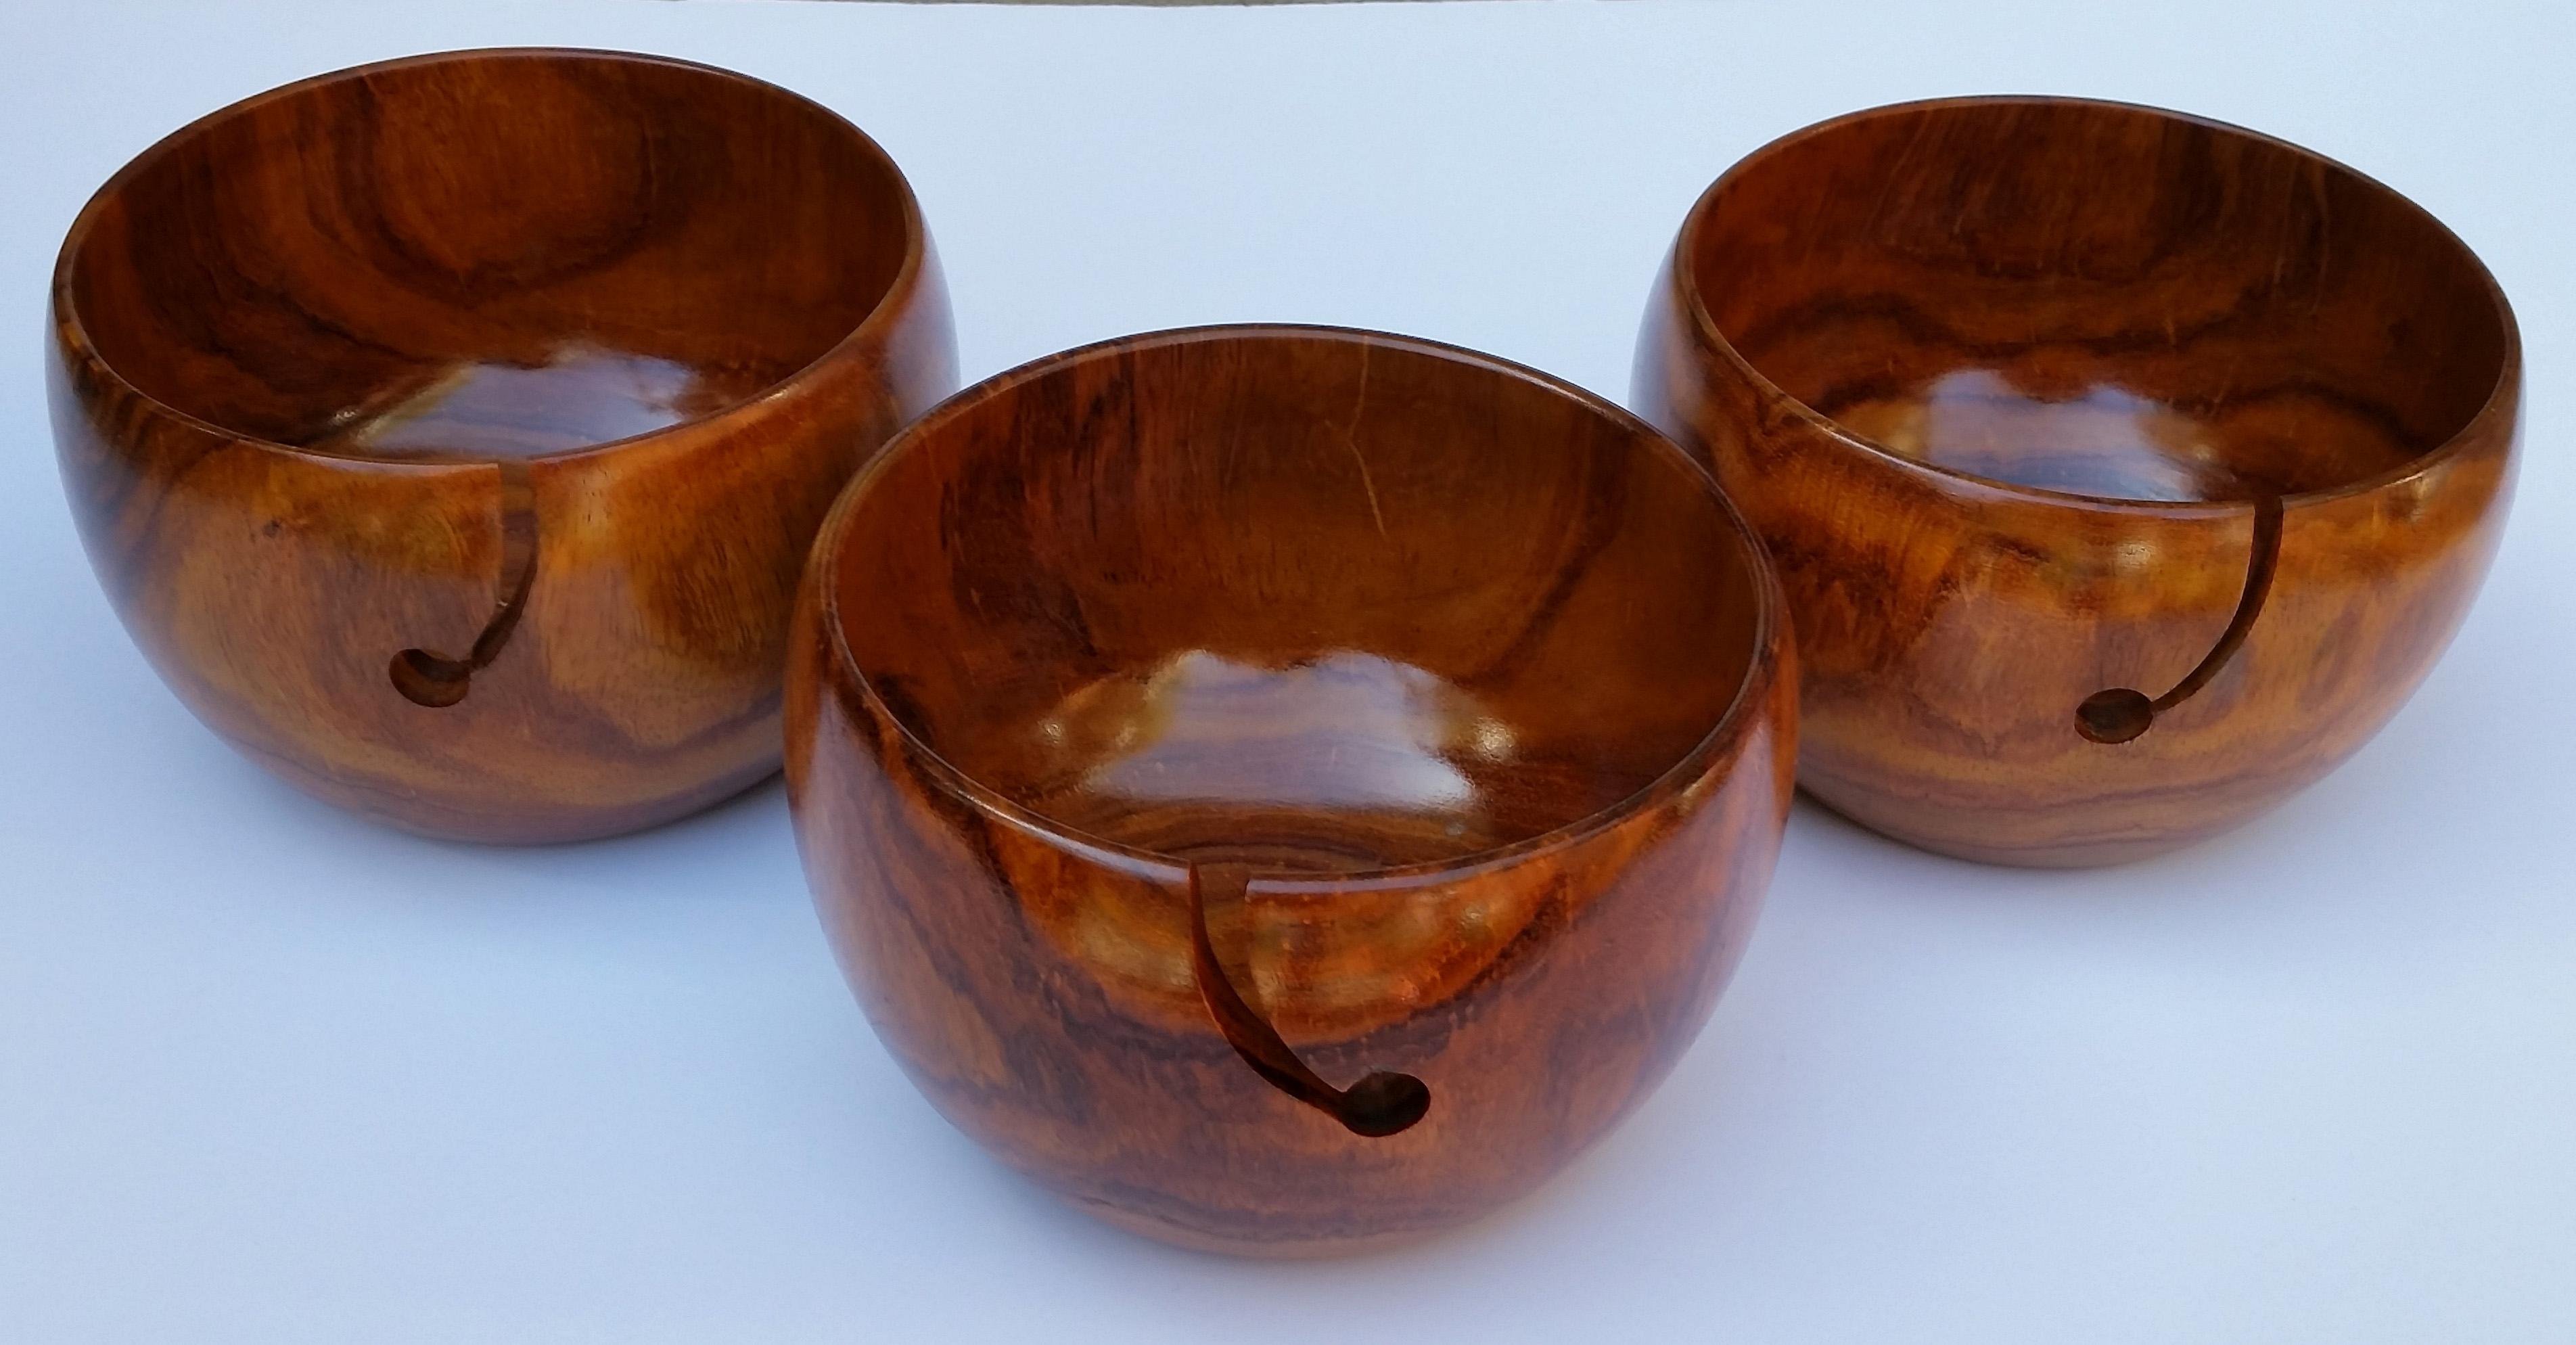 Knitting Bowls Wood : Wooden yarn bowls